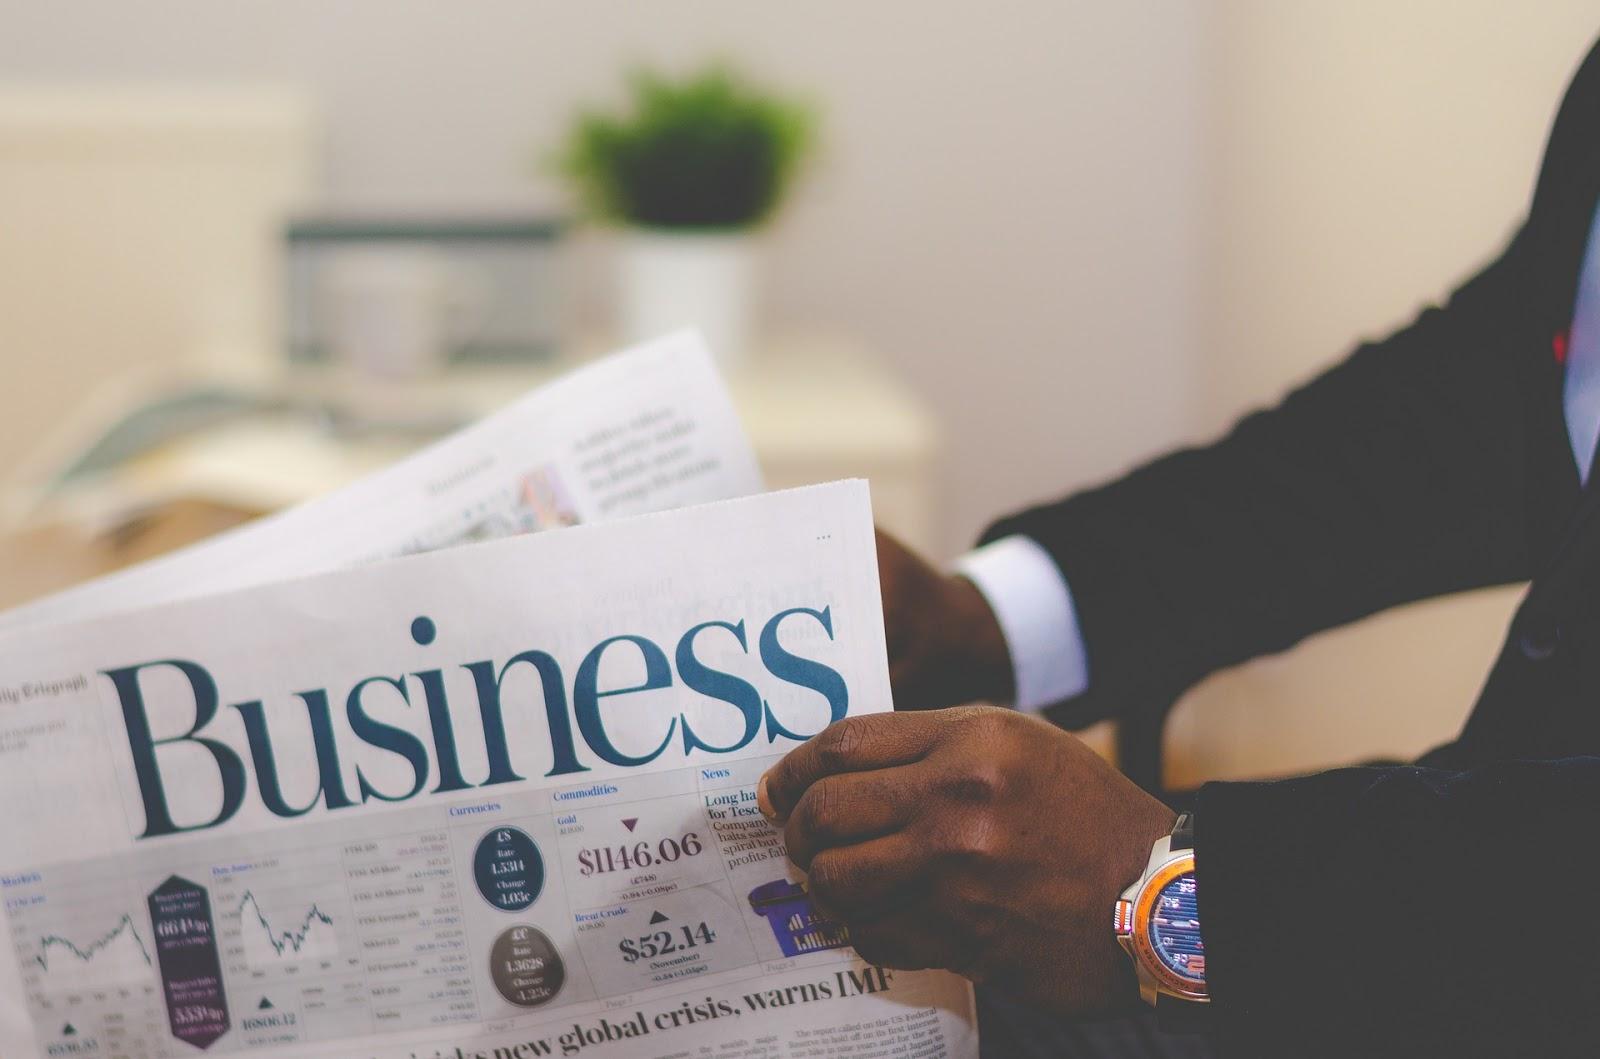 ¿Cómo puede aparecer mi empresa en los medios de comunicación? Construir mensajes eficaces